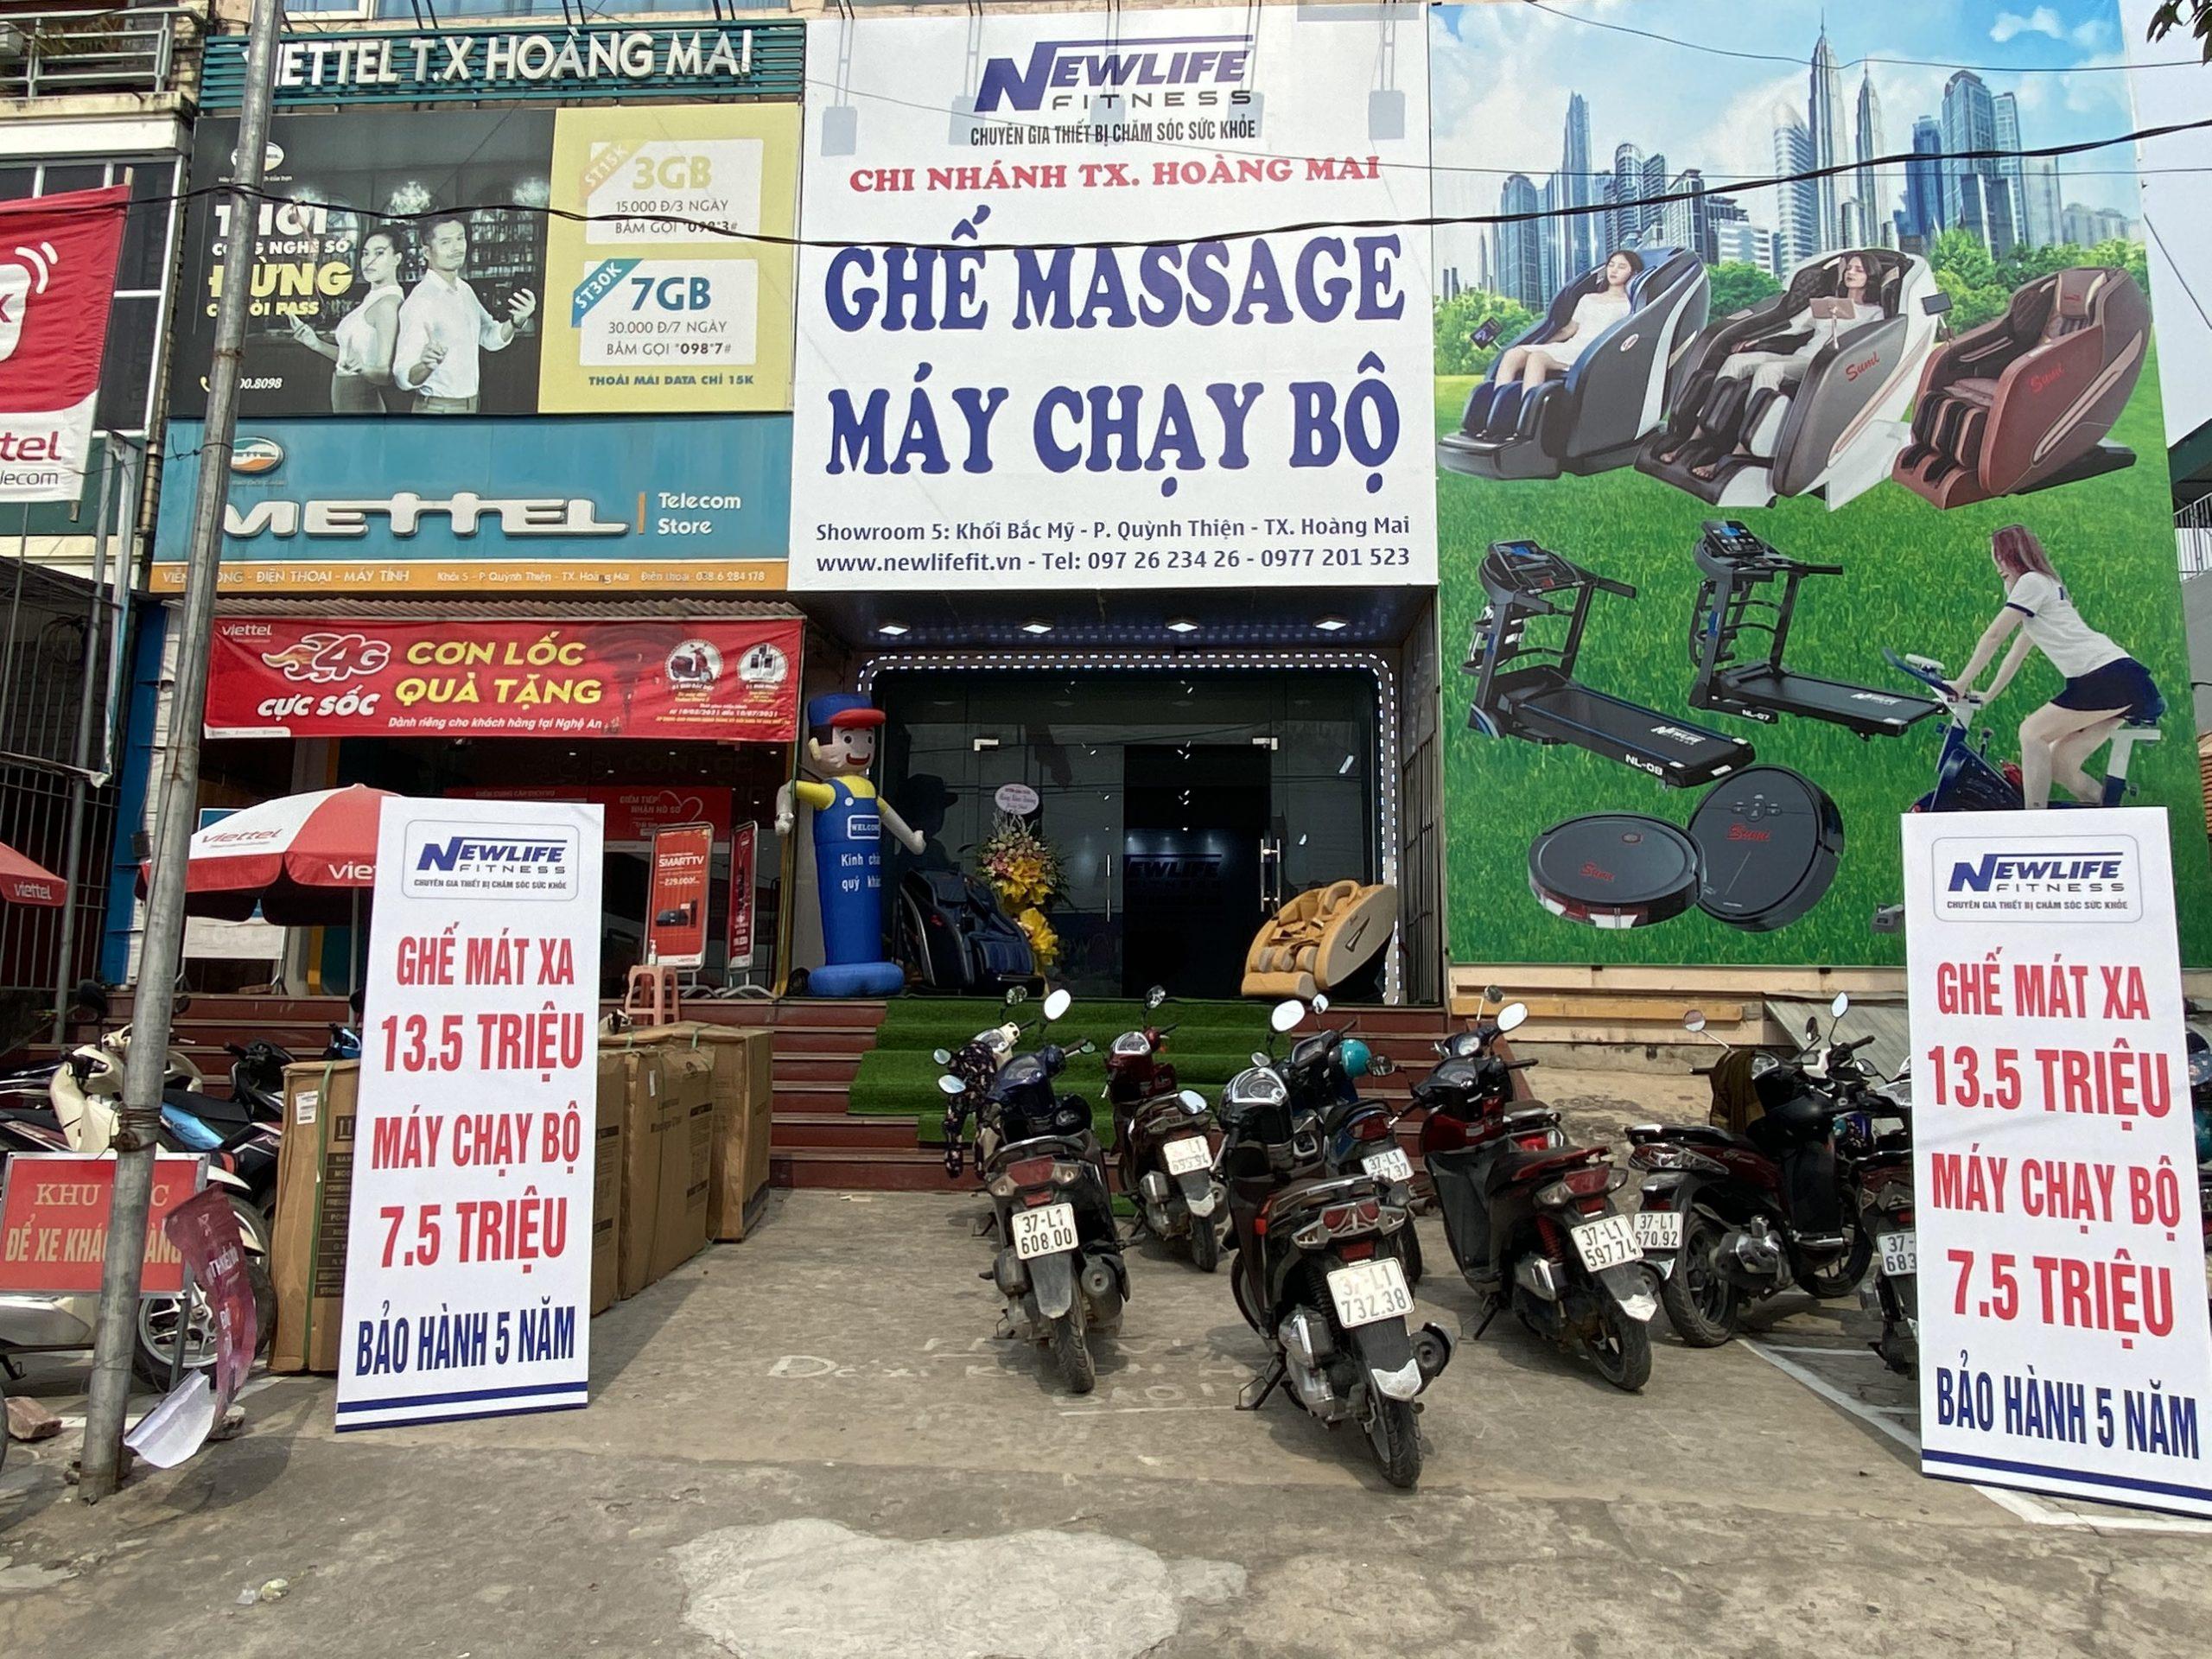 Mua ghế massage giá rẻ, uy tín nhất Thị Xã Hoàng Mai, Nghệ an